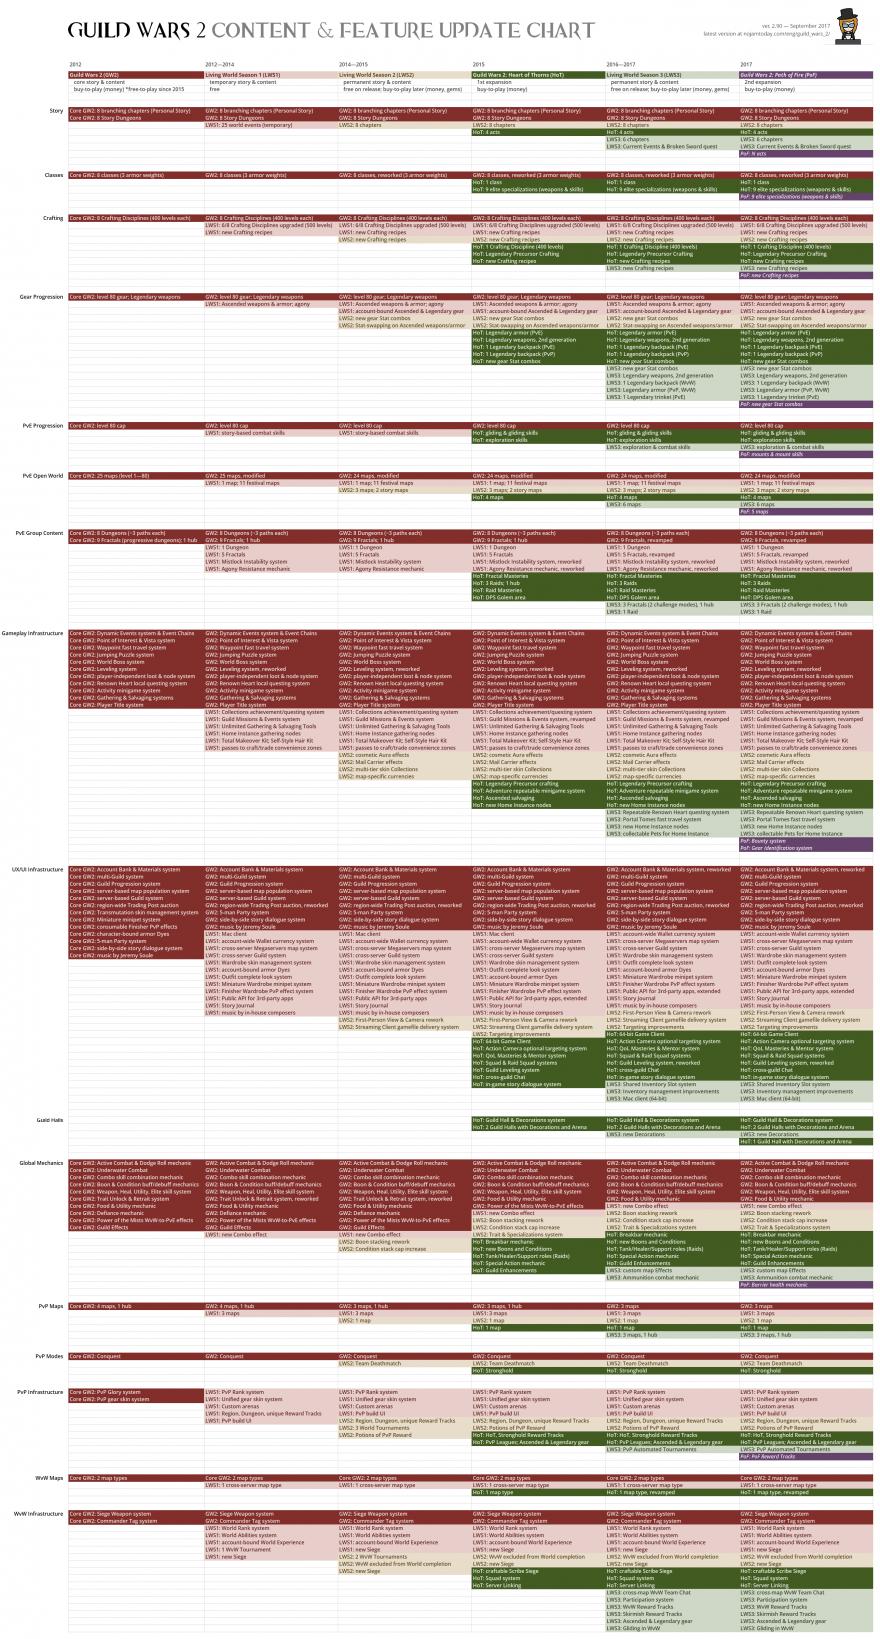 Guild Wars 2: Полный список контента и механик GW2 на момент выхода Path of Fire